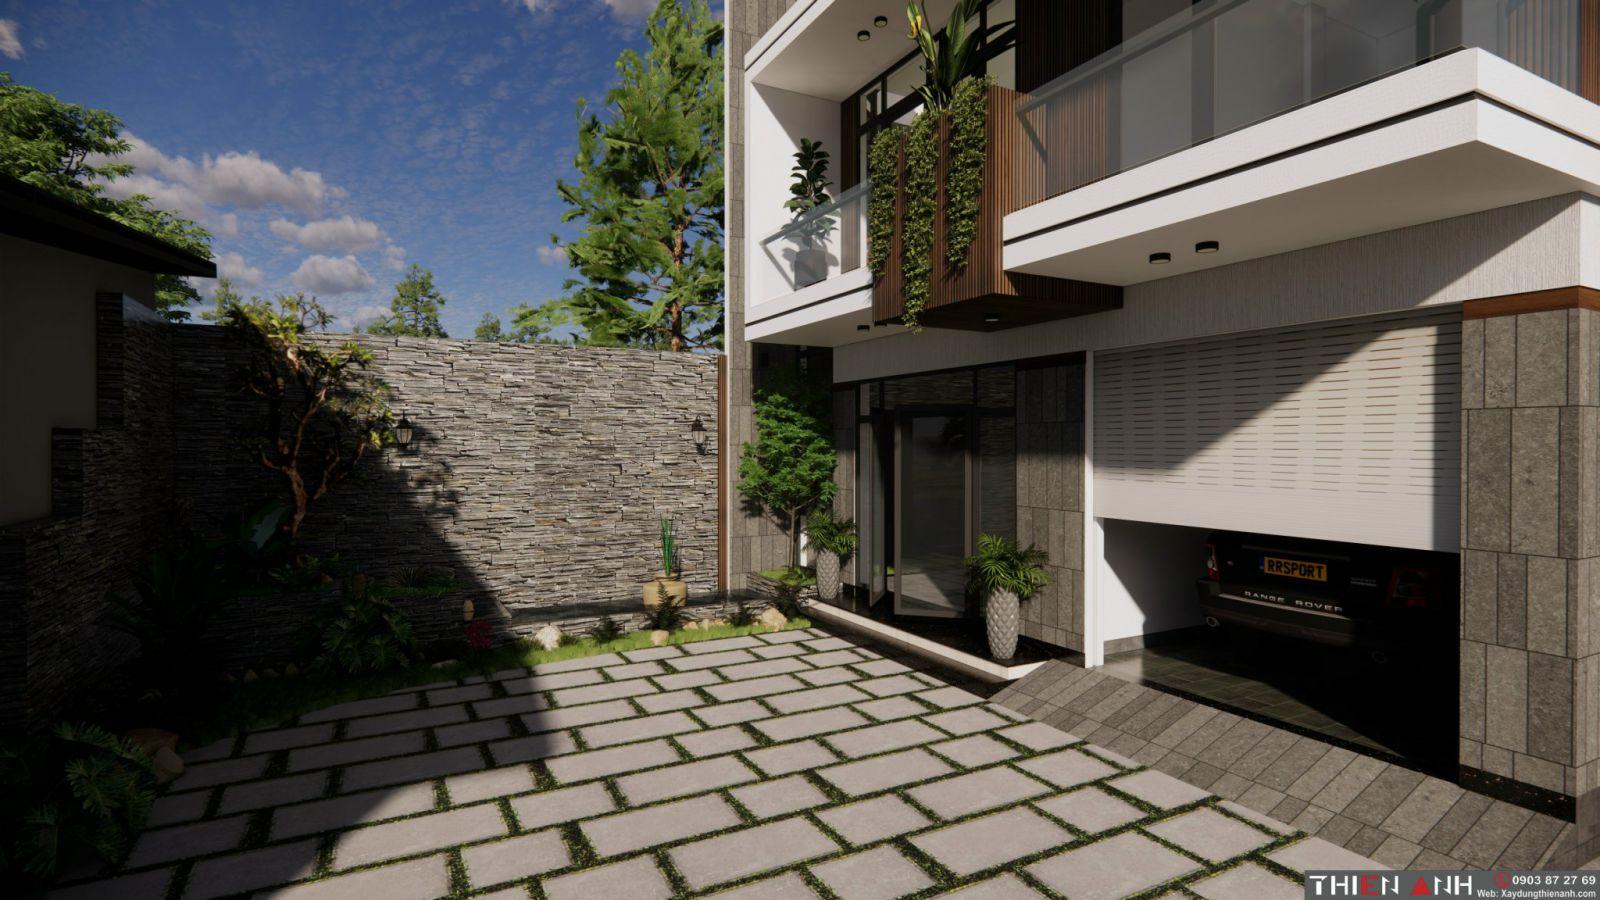 mẫu thiết kế nhà hiện đại năm 2021